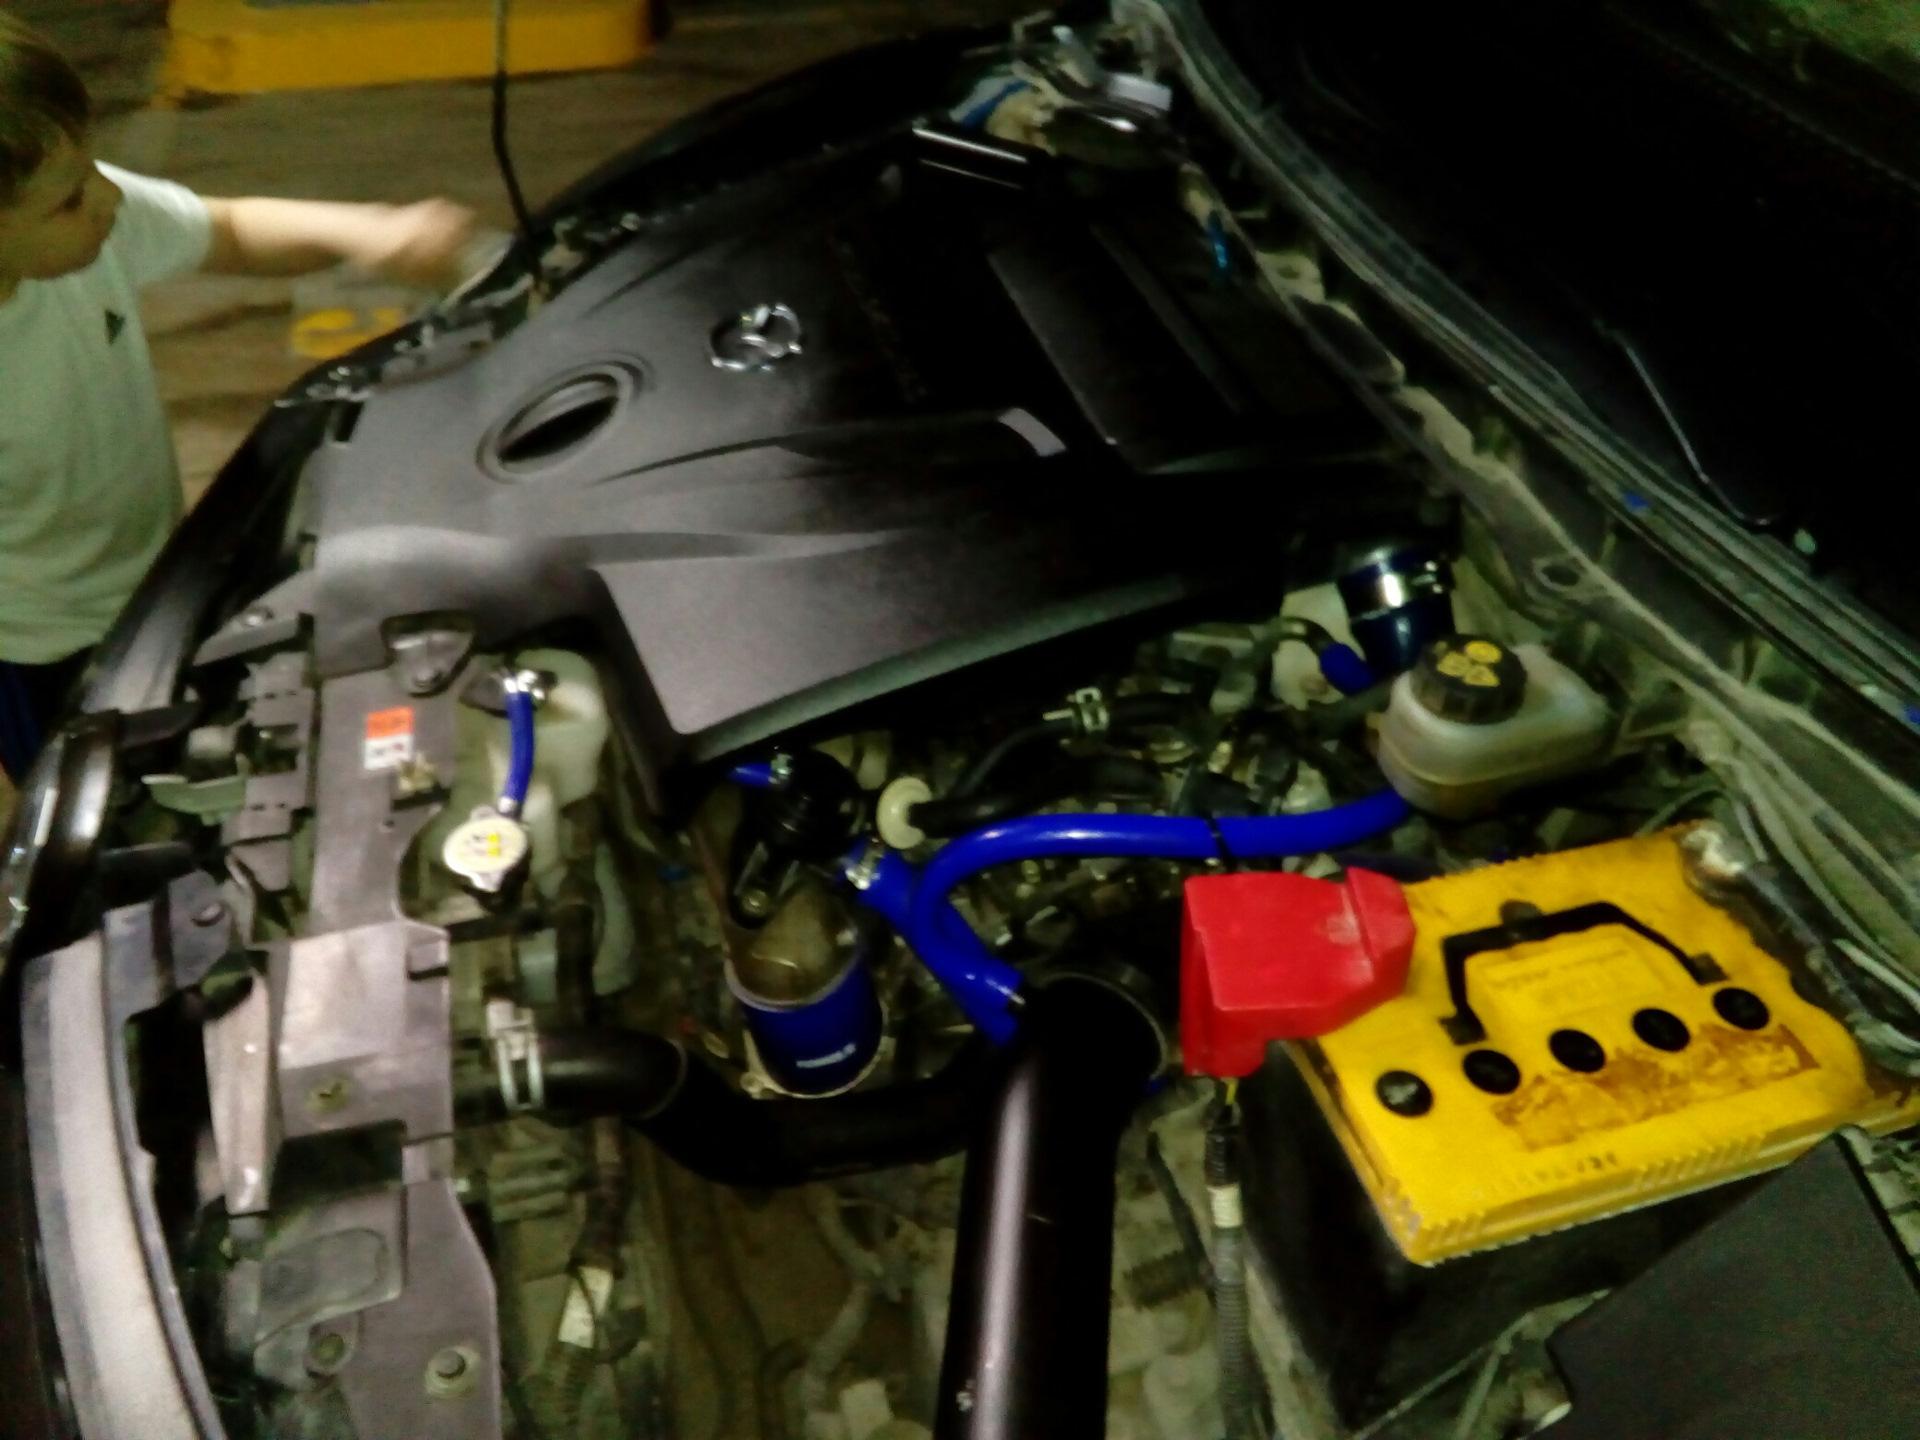 Замена клапанной прокладки мазда сх 9 Ремонт моторчиков охлаждения киа сид 2010